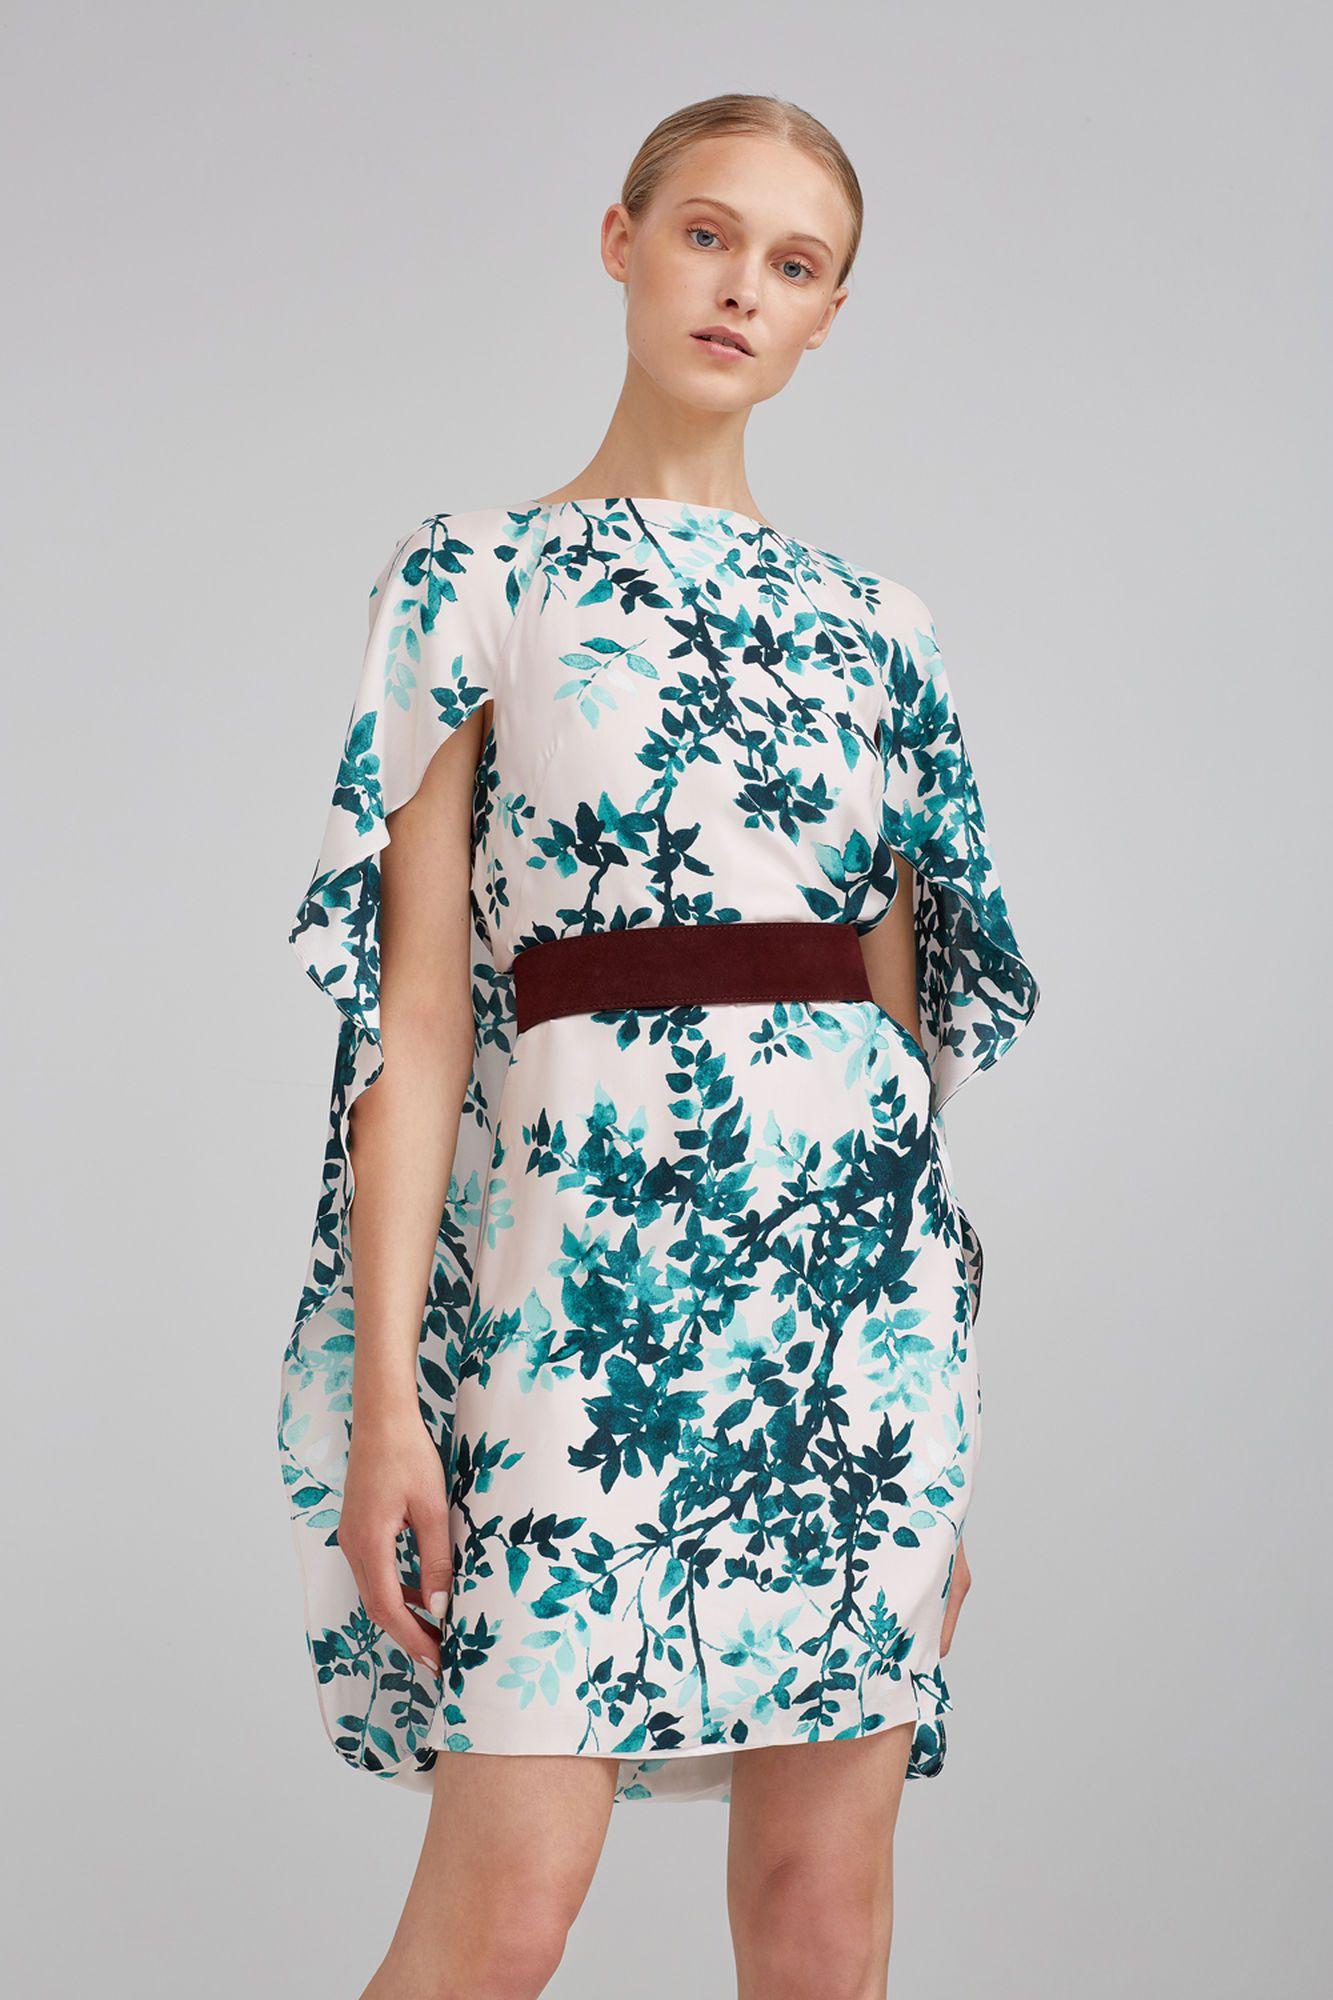 36ecfa63d Vestido con escote redondo y capa en la espalda con tejido de fantasía  floral.